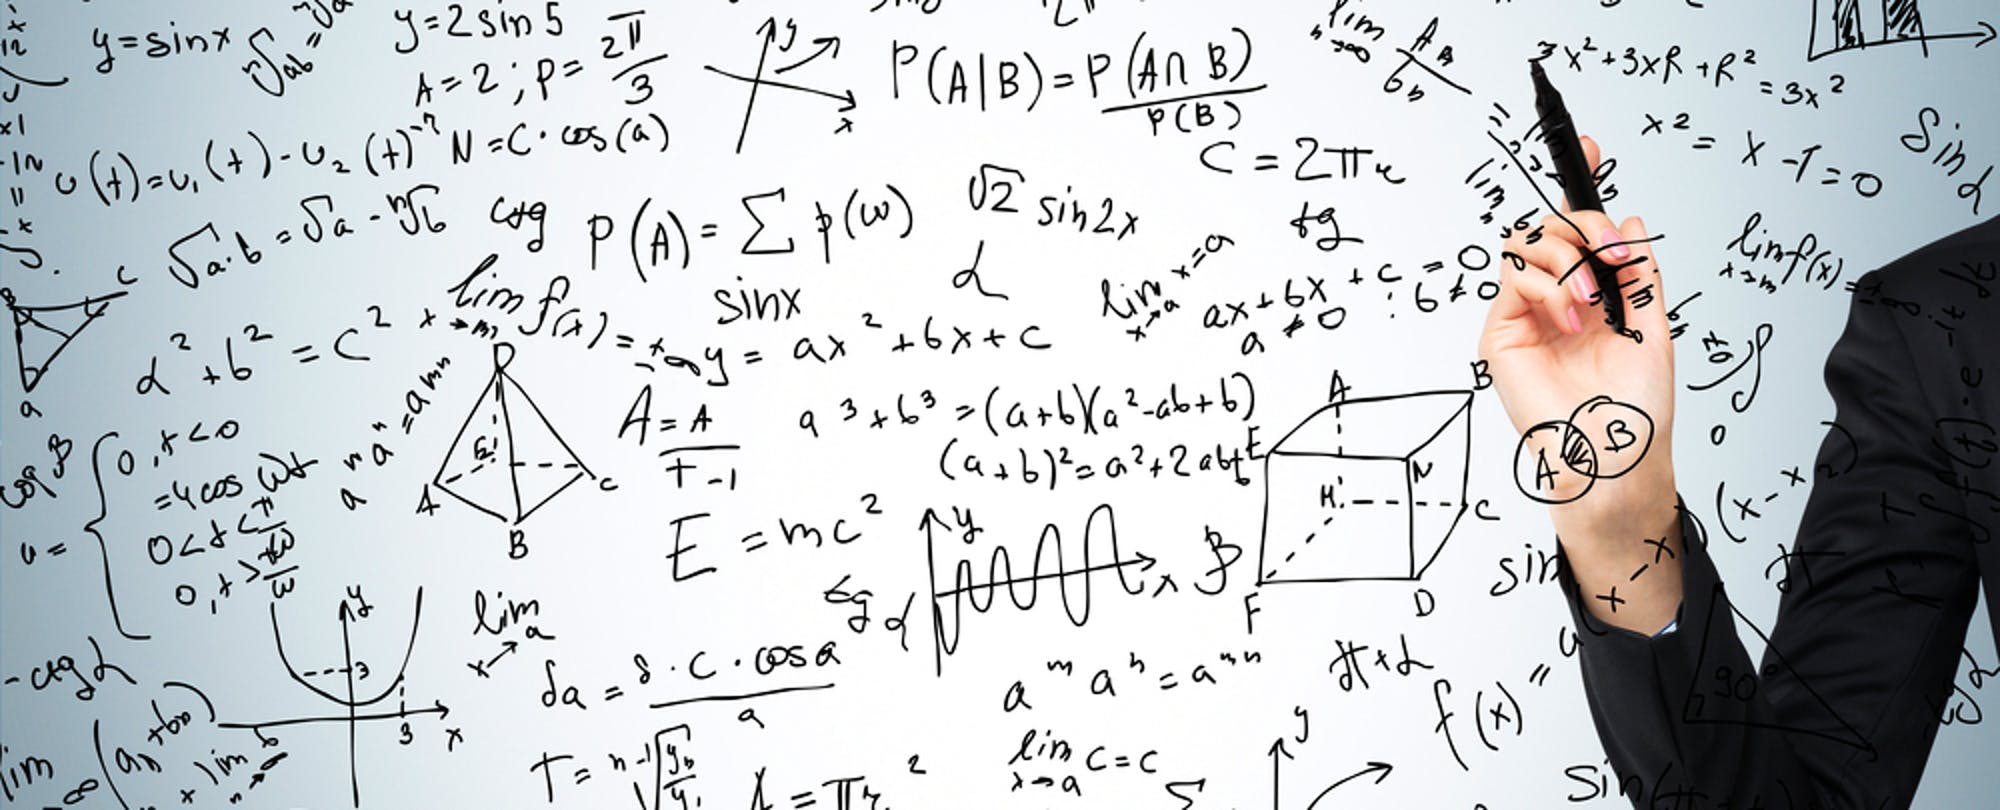 Humanizing Education's Algorithms